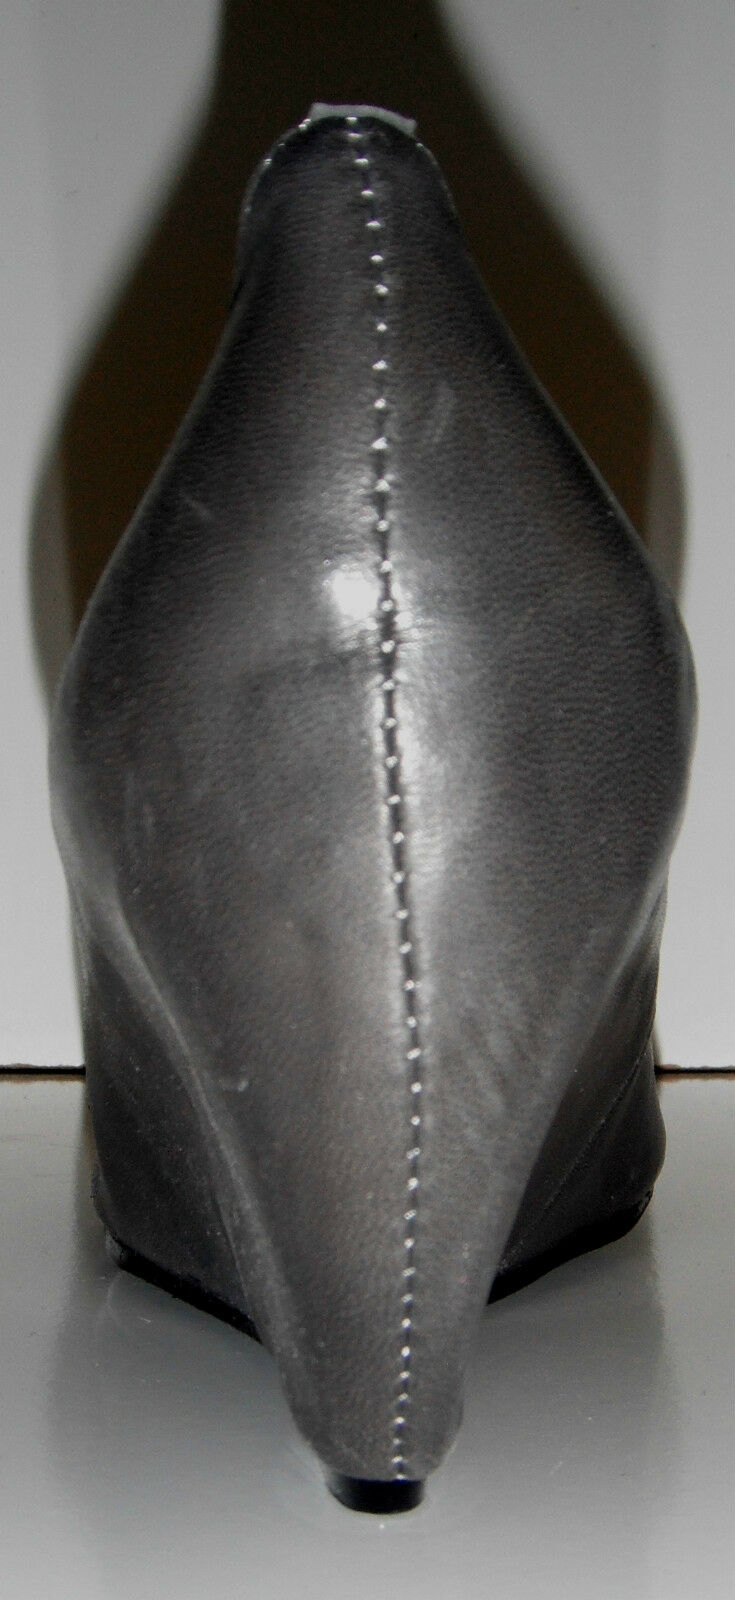 NIB Couleur Pourpre Pelle BRITTE Grey Pelle Pourpre Hidden Platform Shoe sz 9.5M-10M  125 39ff2e